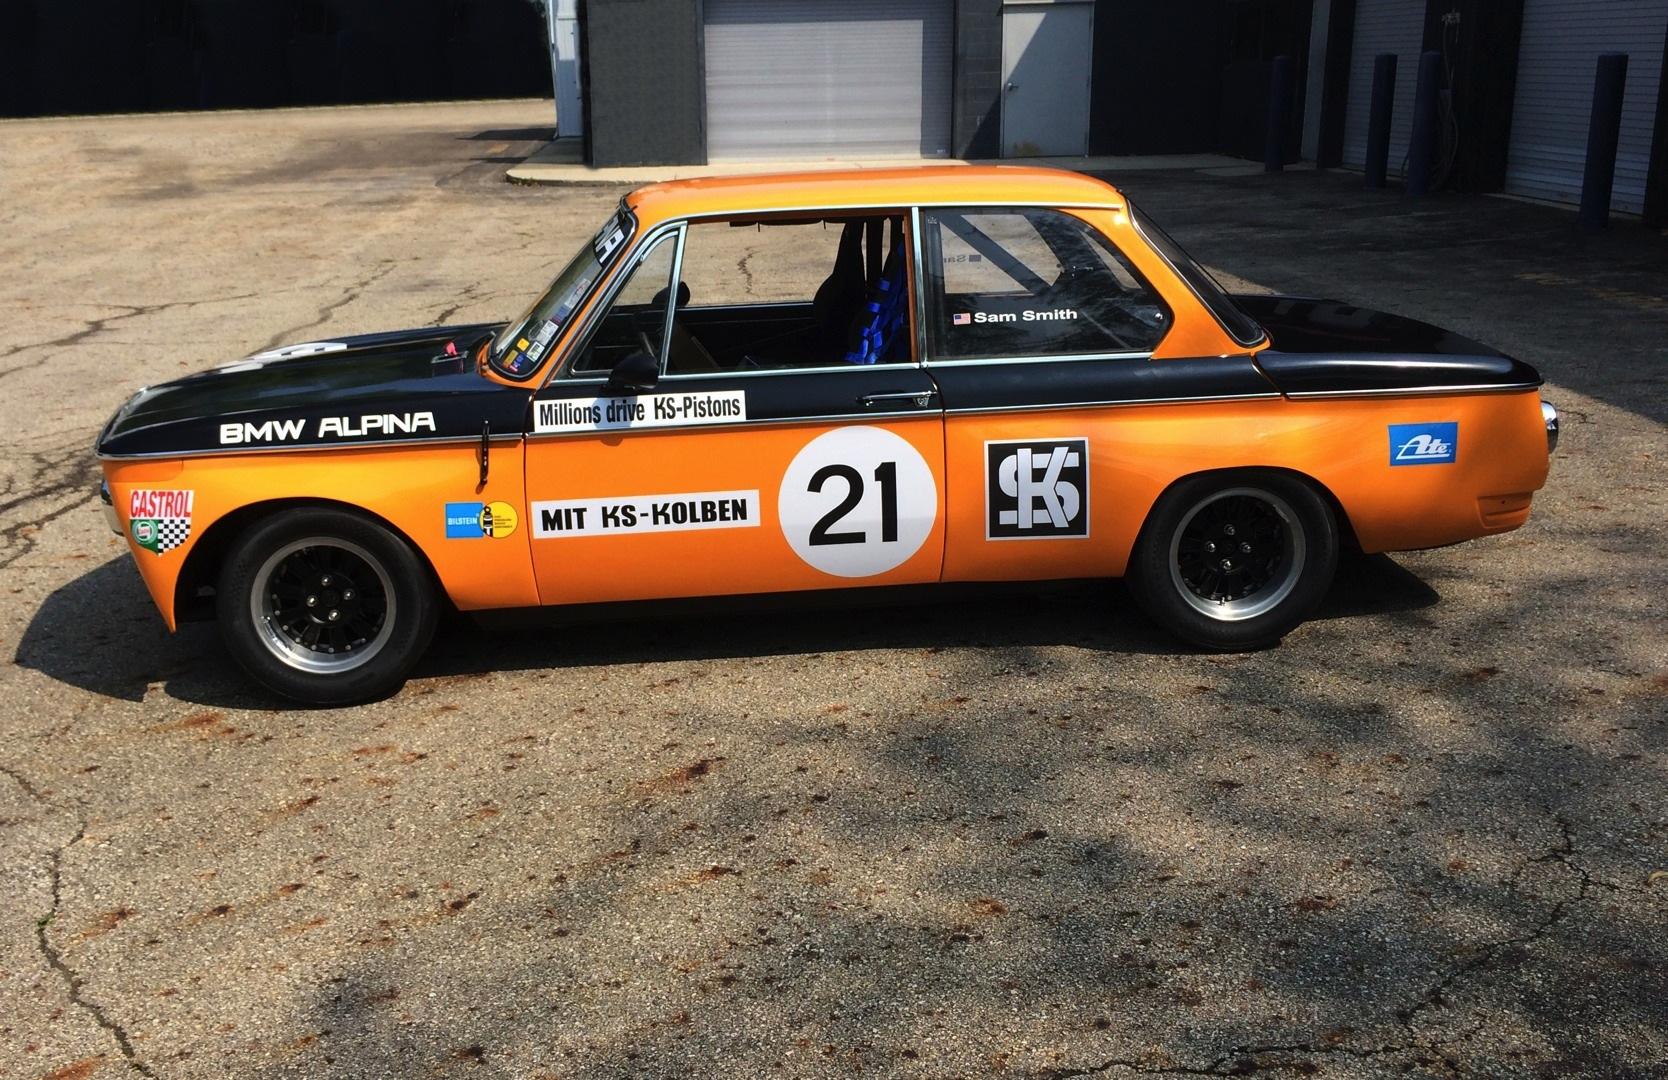 Bmw To Bring Restored 1970 Alpina 2002ti To The 2014 Rolex Monterey Motorsport Reunion